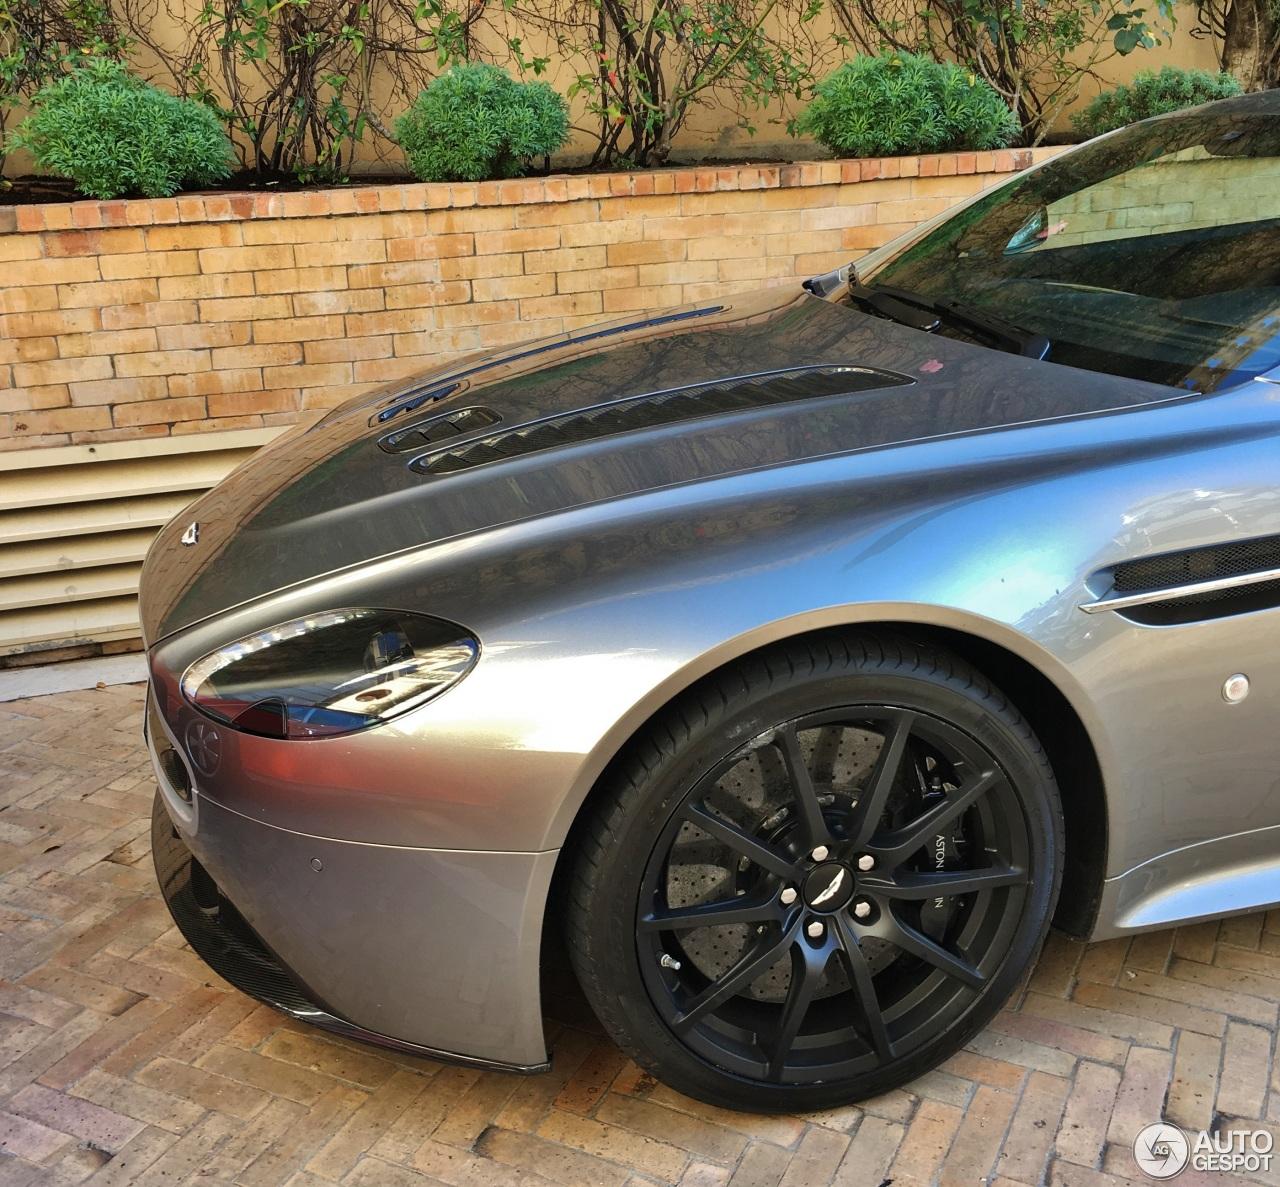 2016 Aston Martin Vanquish Camshaft: 28 ½ÞïÑàì 2016